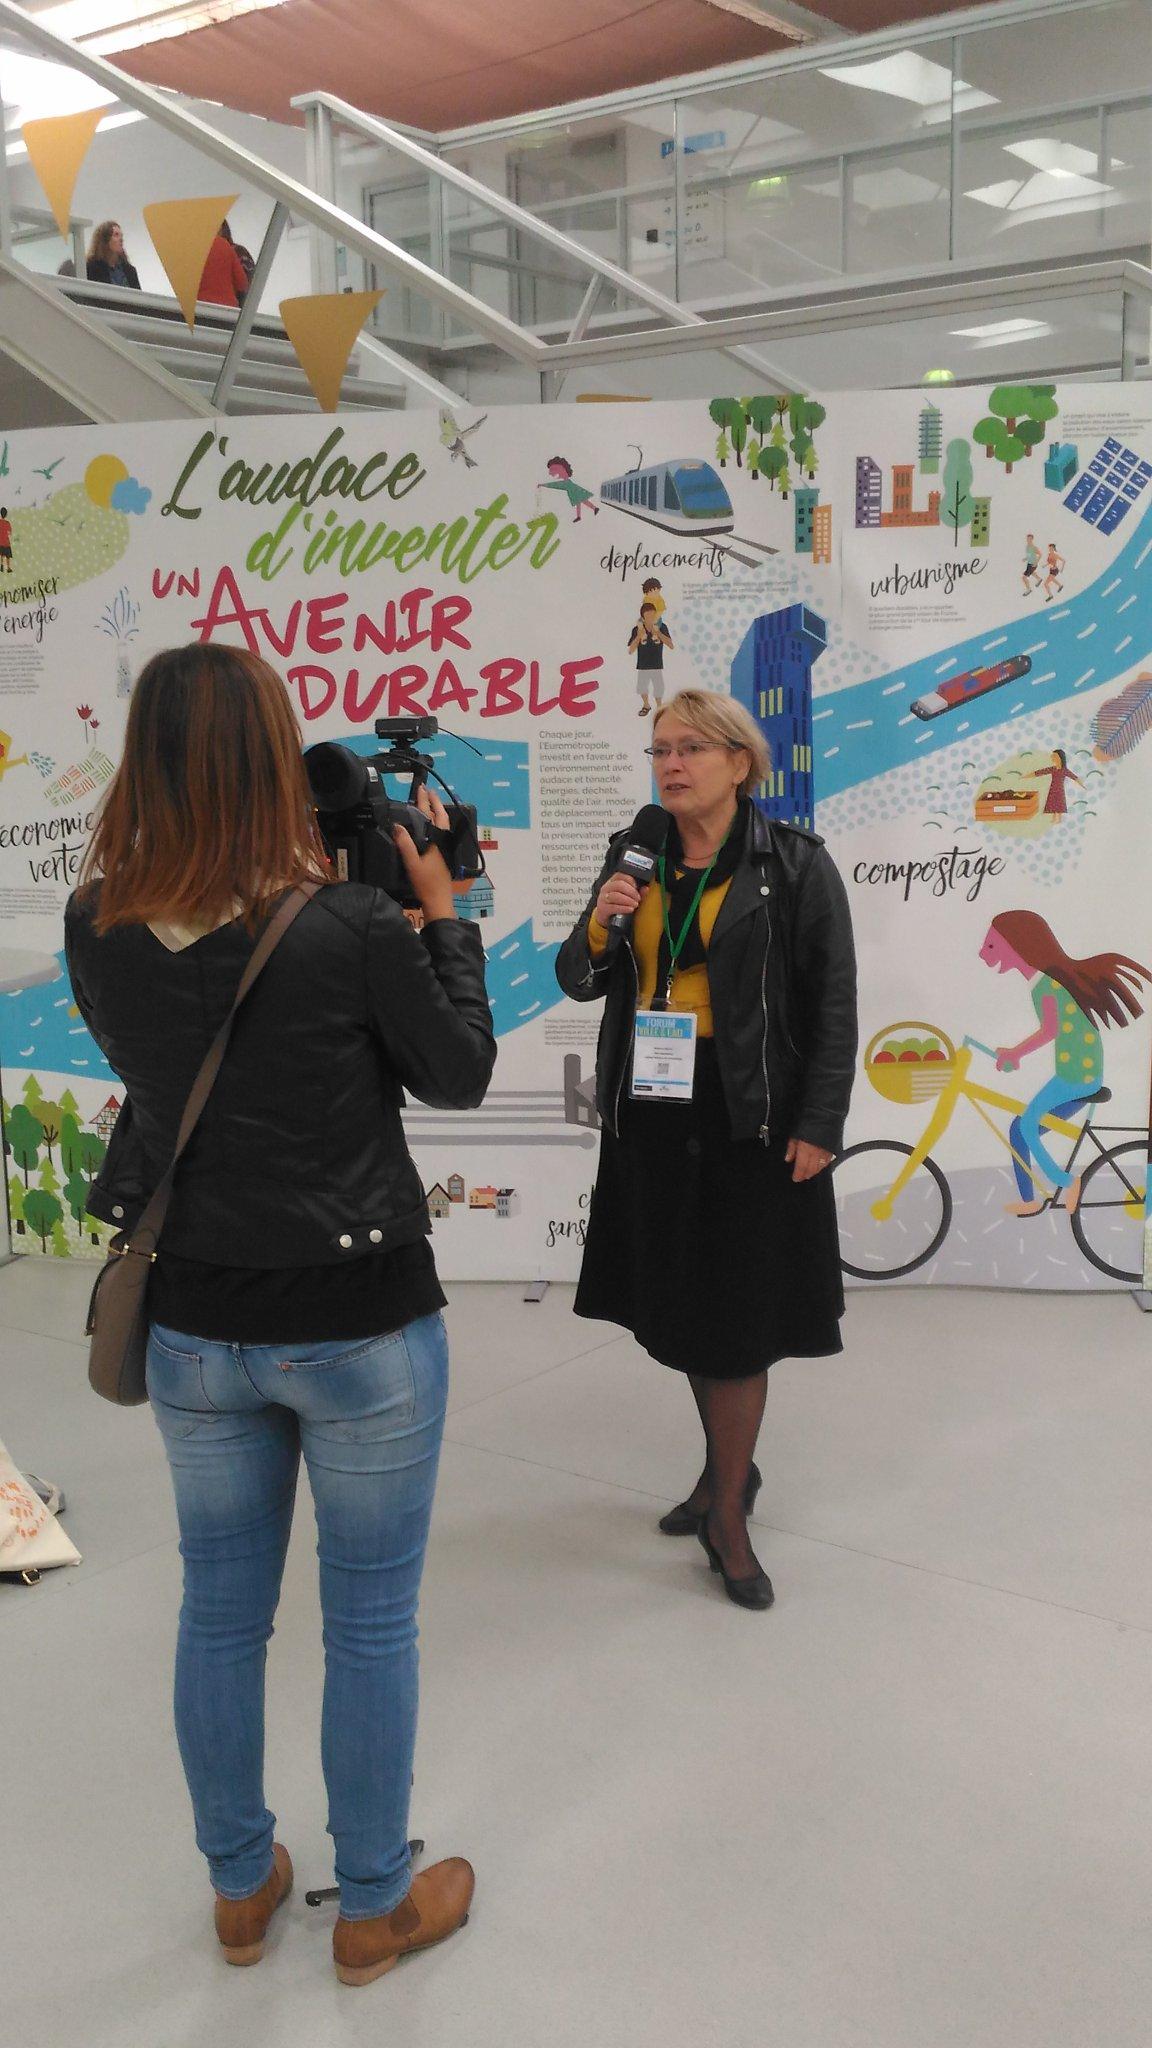 Béatrice Bulou invitée de @alsace20 pour le forum #villeeteau @strasbourg  avec @agence_eau_RM https://t.co/RIk1etVfDx